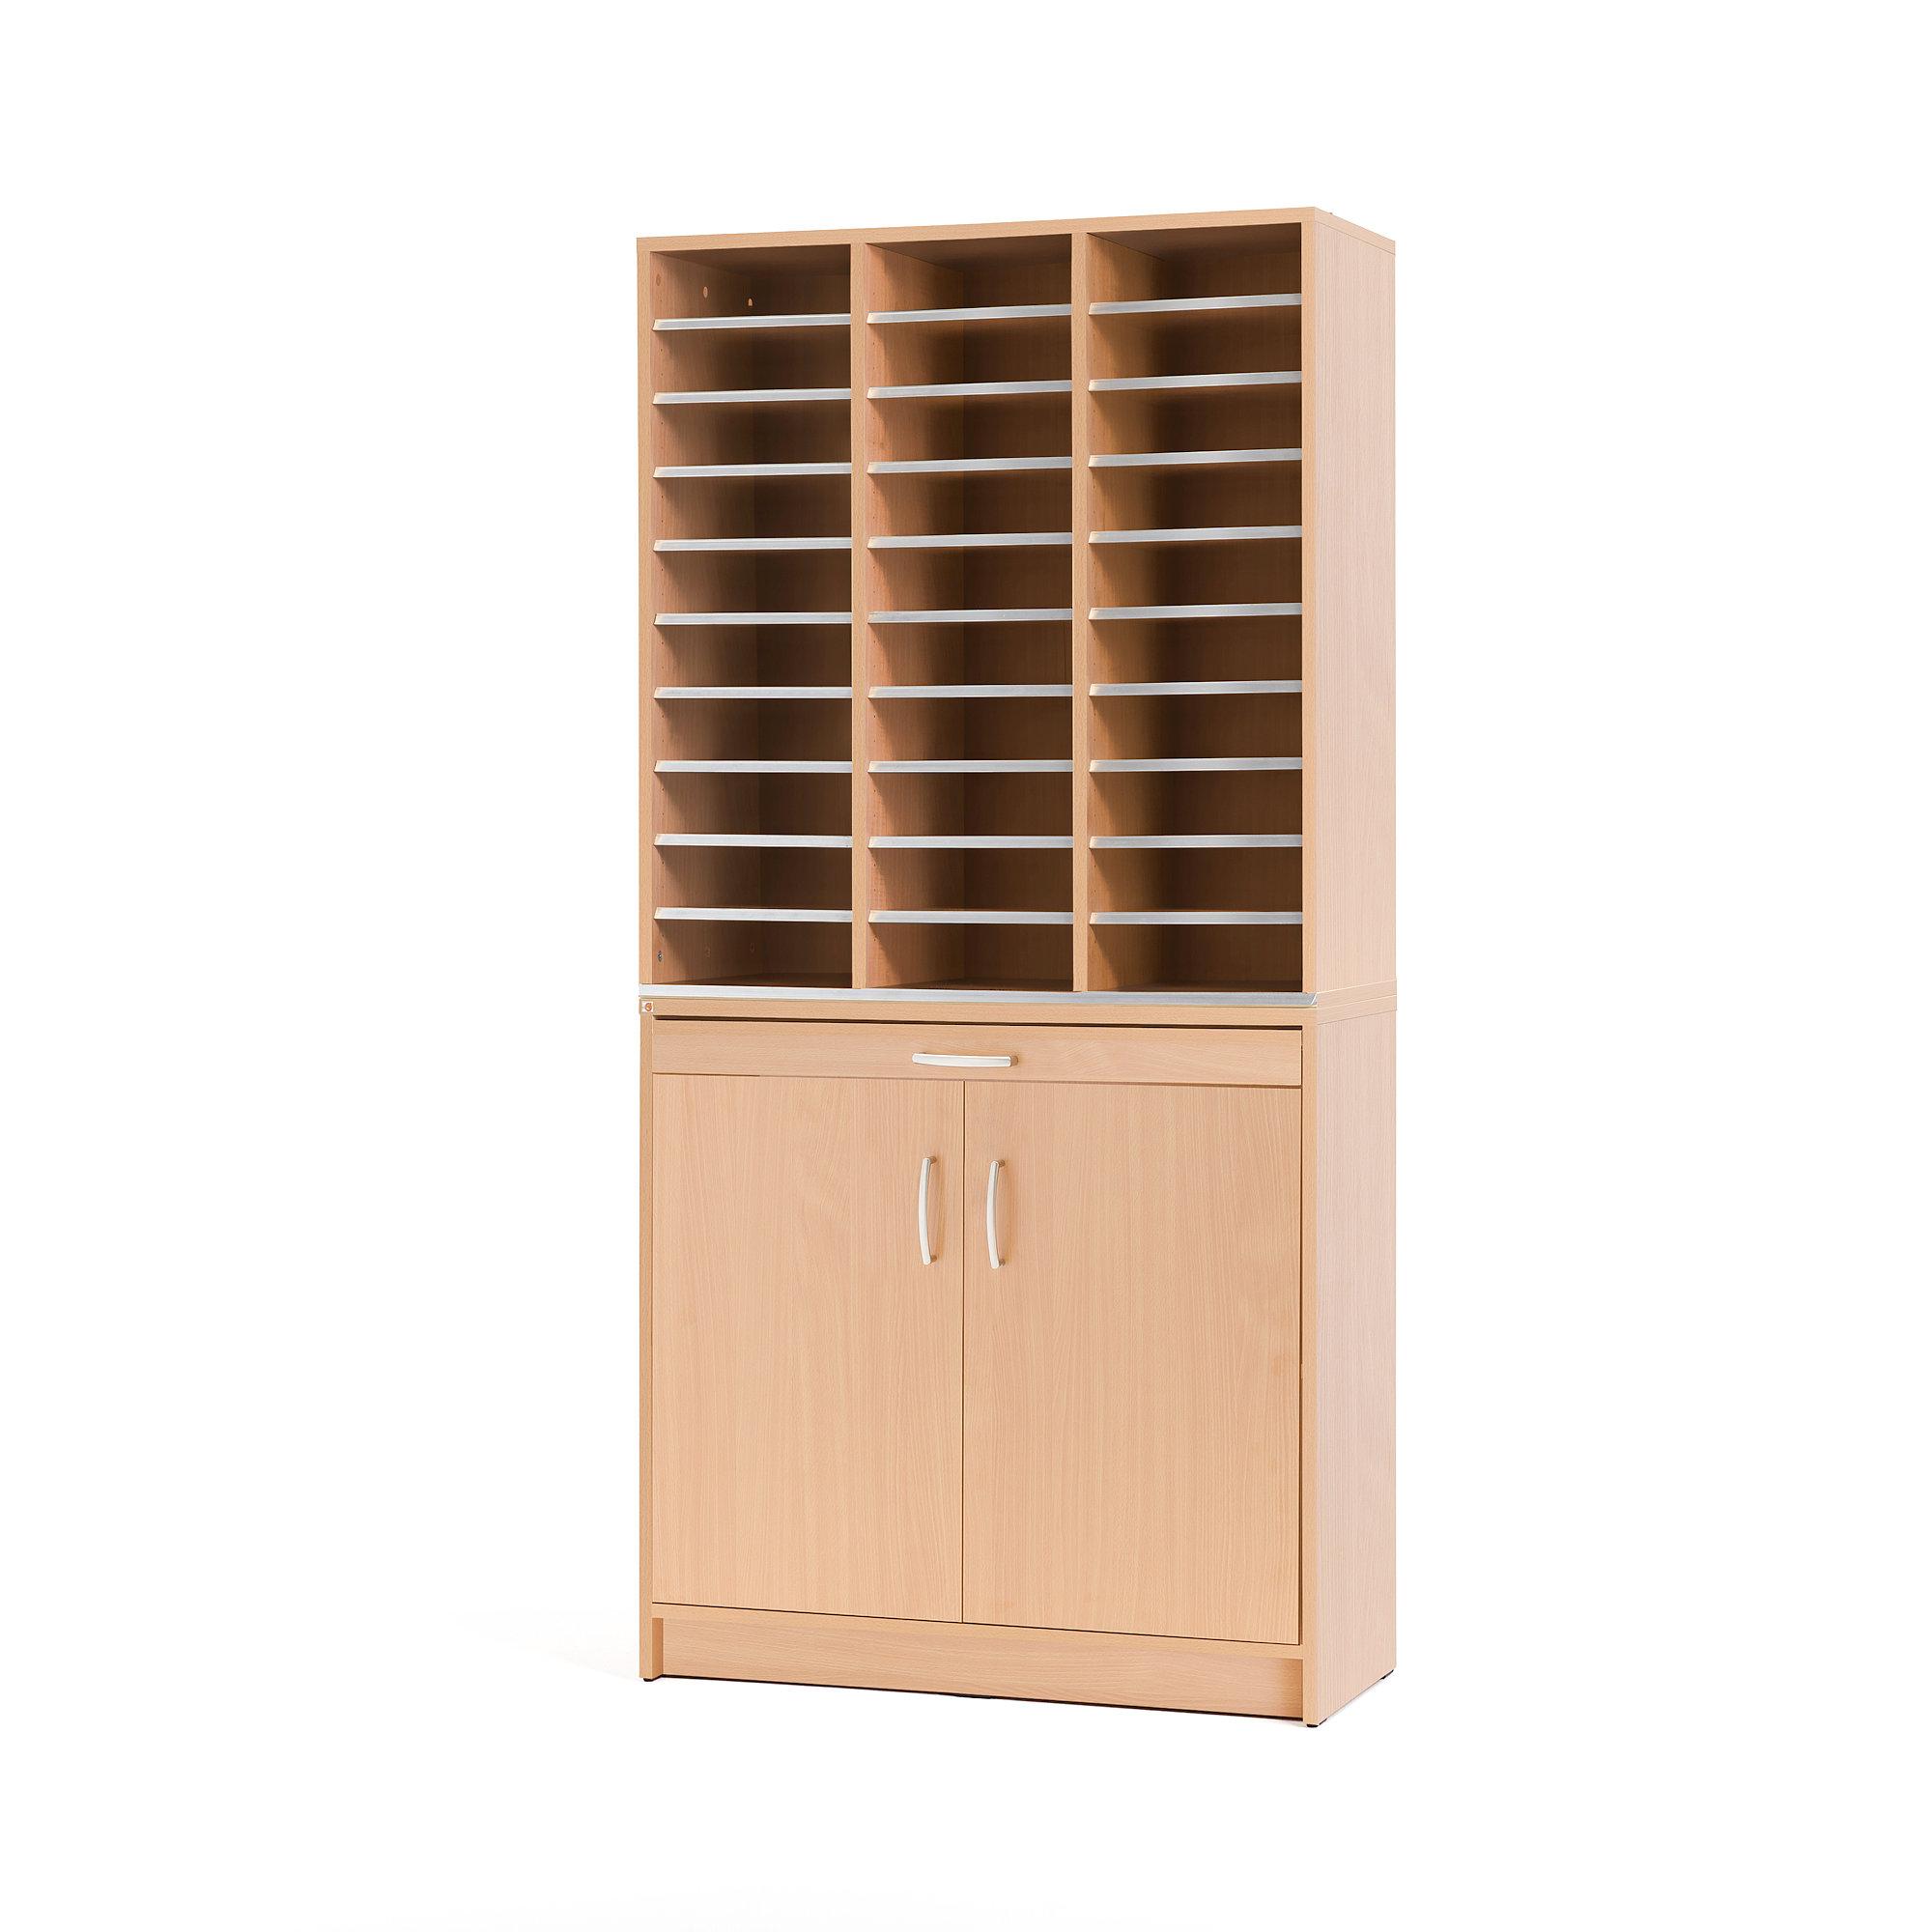 Postsortierkombi, 30 Fächer und Unterschrank mit Türen, Laminat Buche AJ Produkte Deutschland